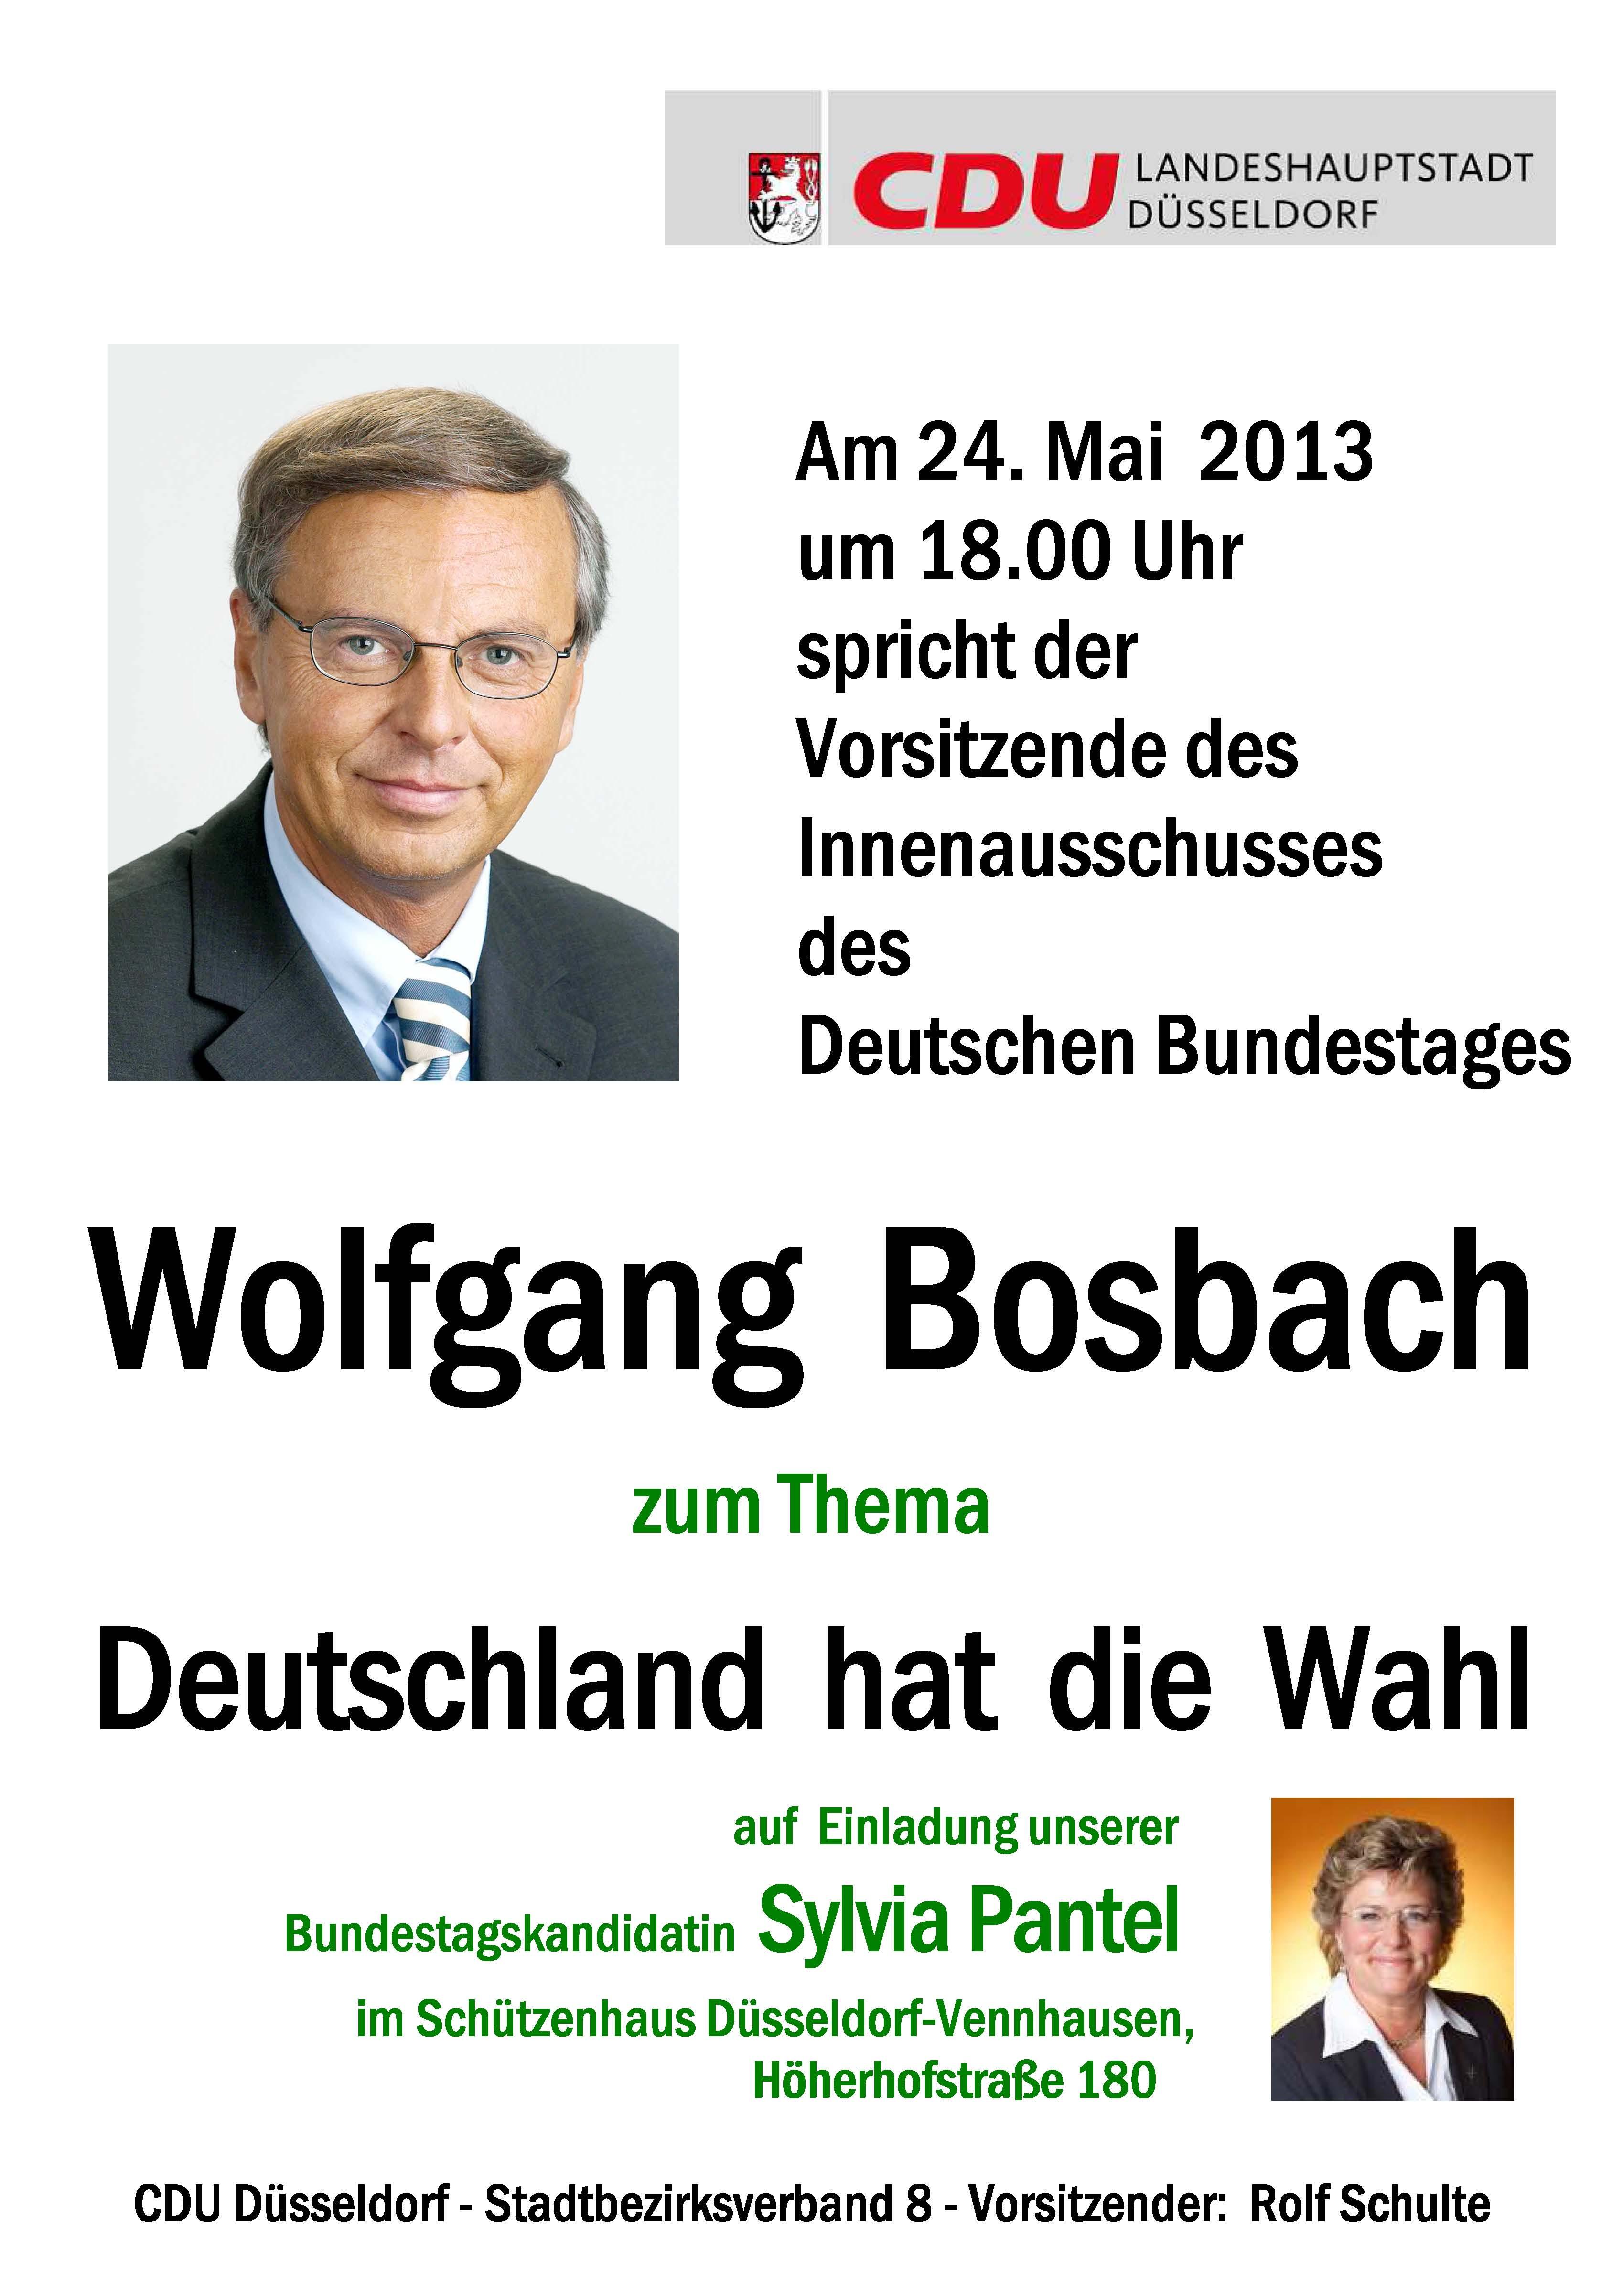 Einladung-Wolfgang-Bosbach-_24_05_2013